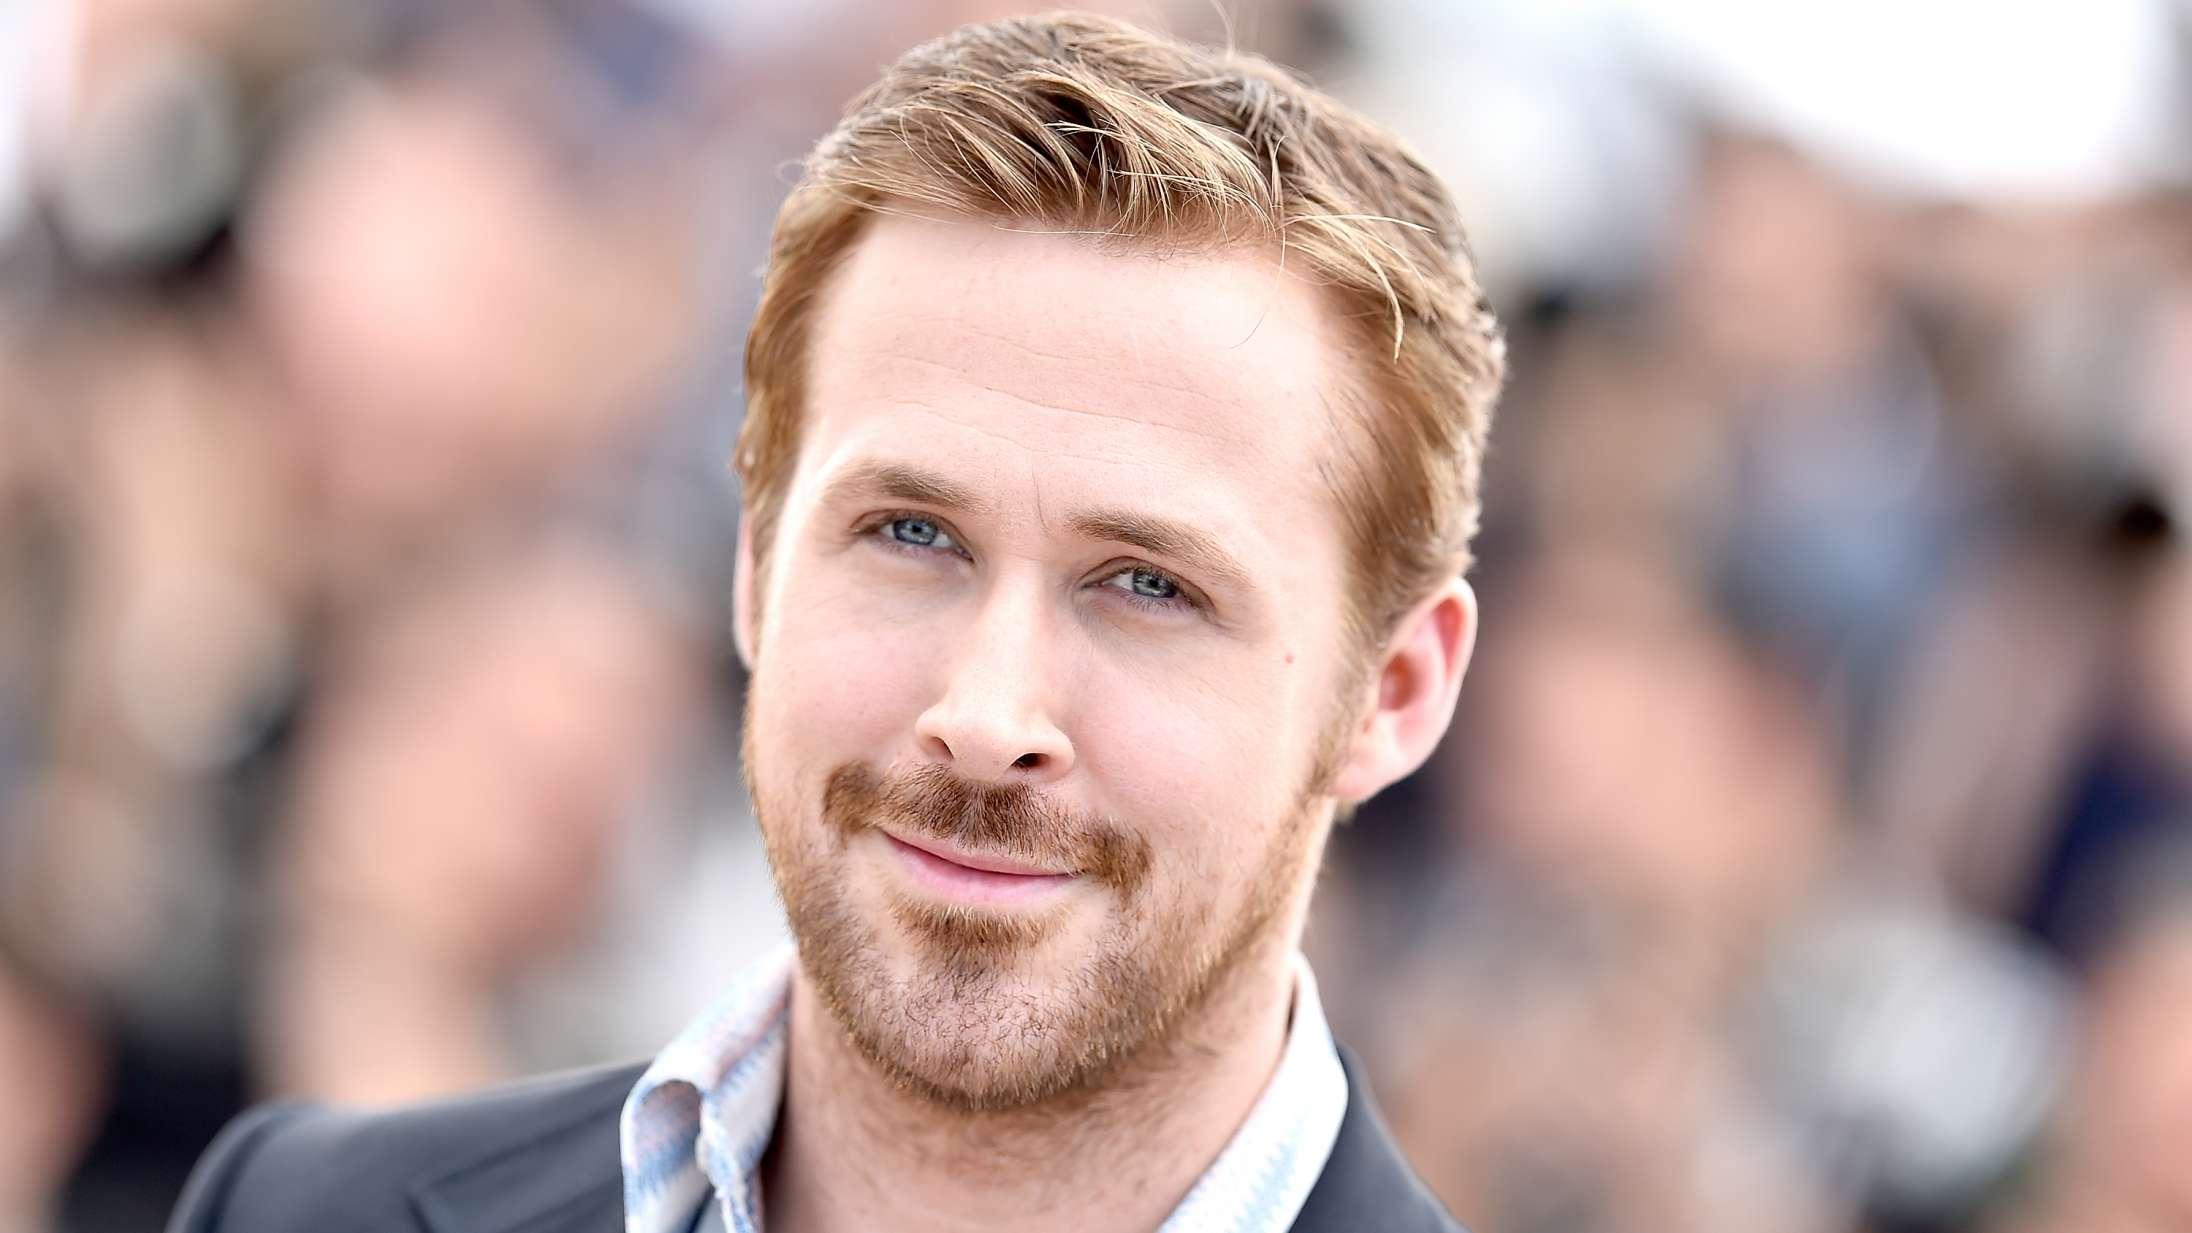 Russo-brødrene skal instruere Ryan Gosling og Chris Evans i Netflix' dyreste originalfilm til dato